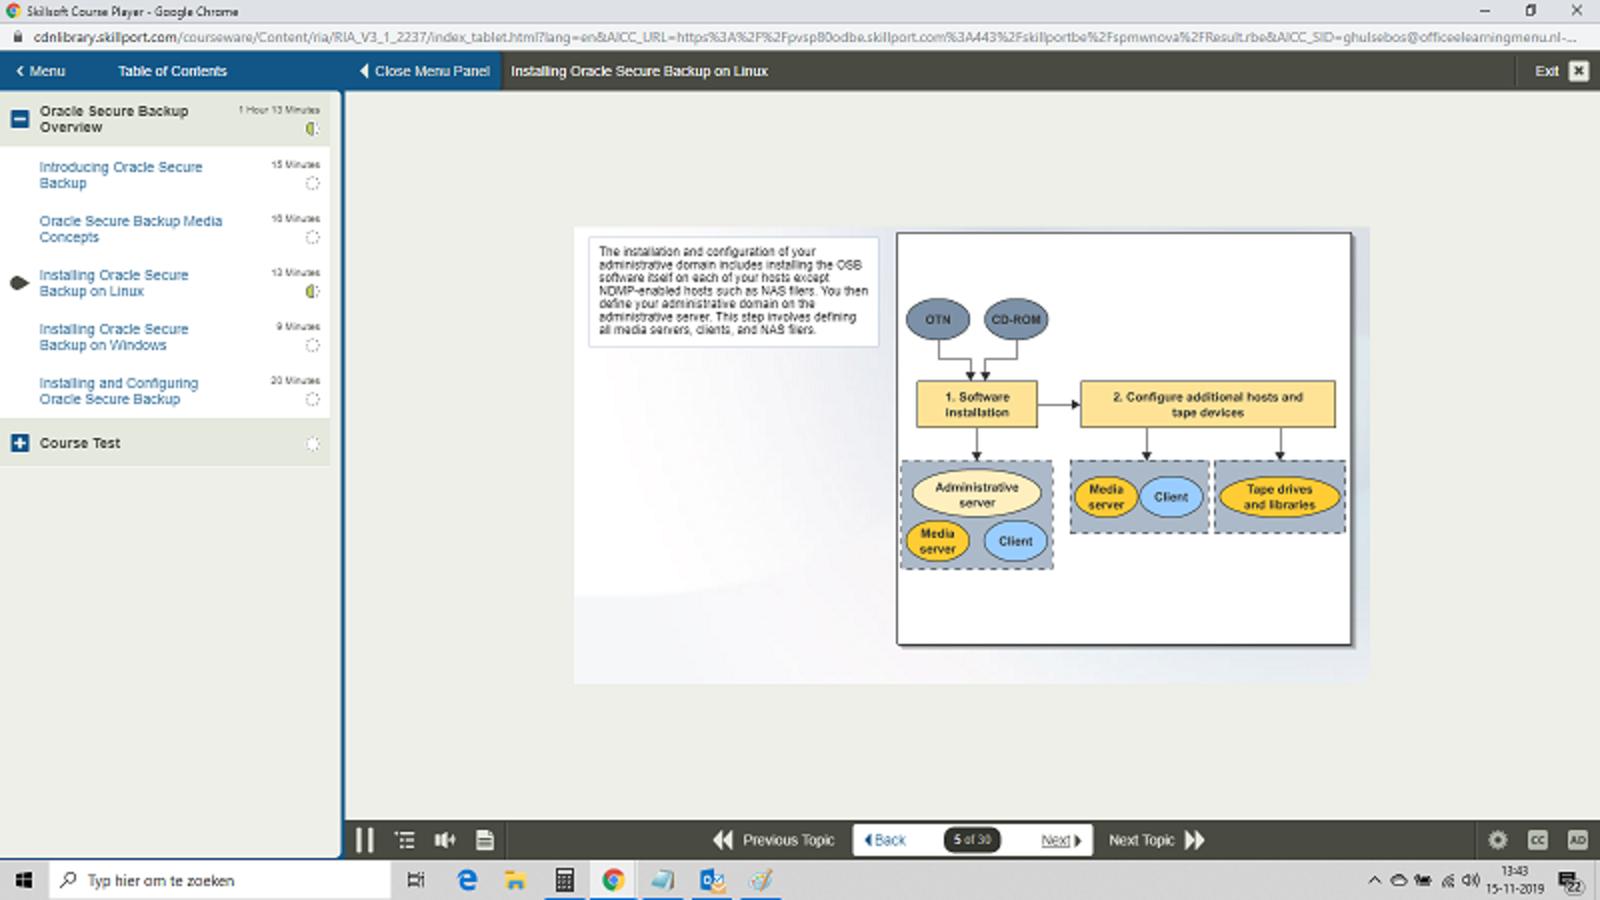 Oracle Corporation Oracle Database 11g Secure Backup E-Learning Kurs